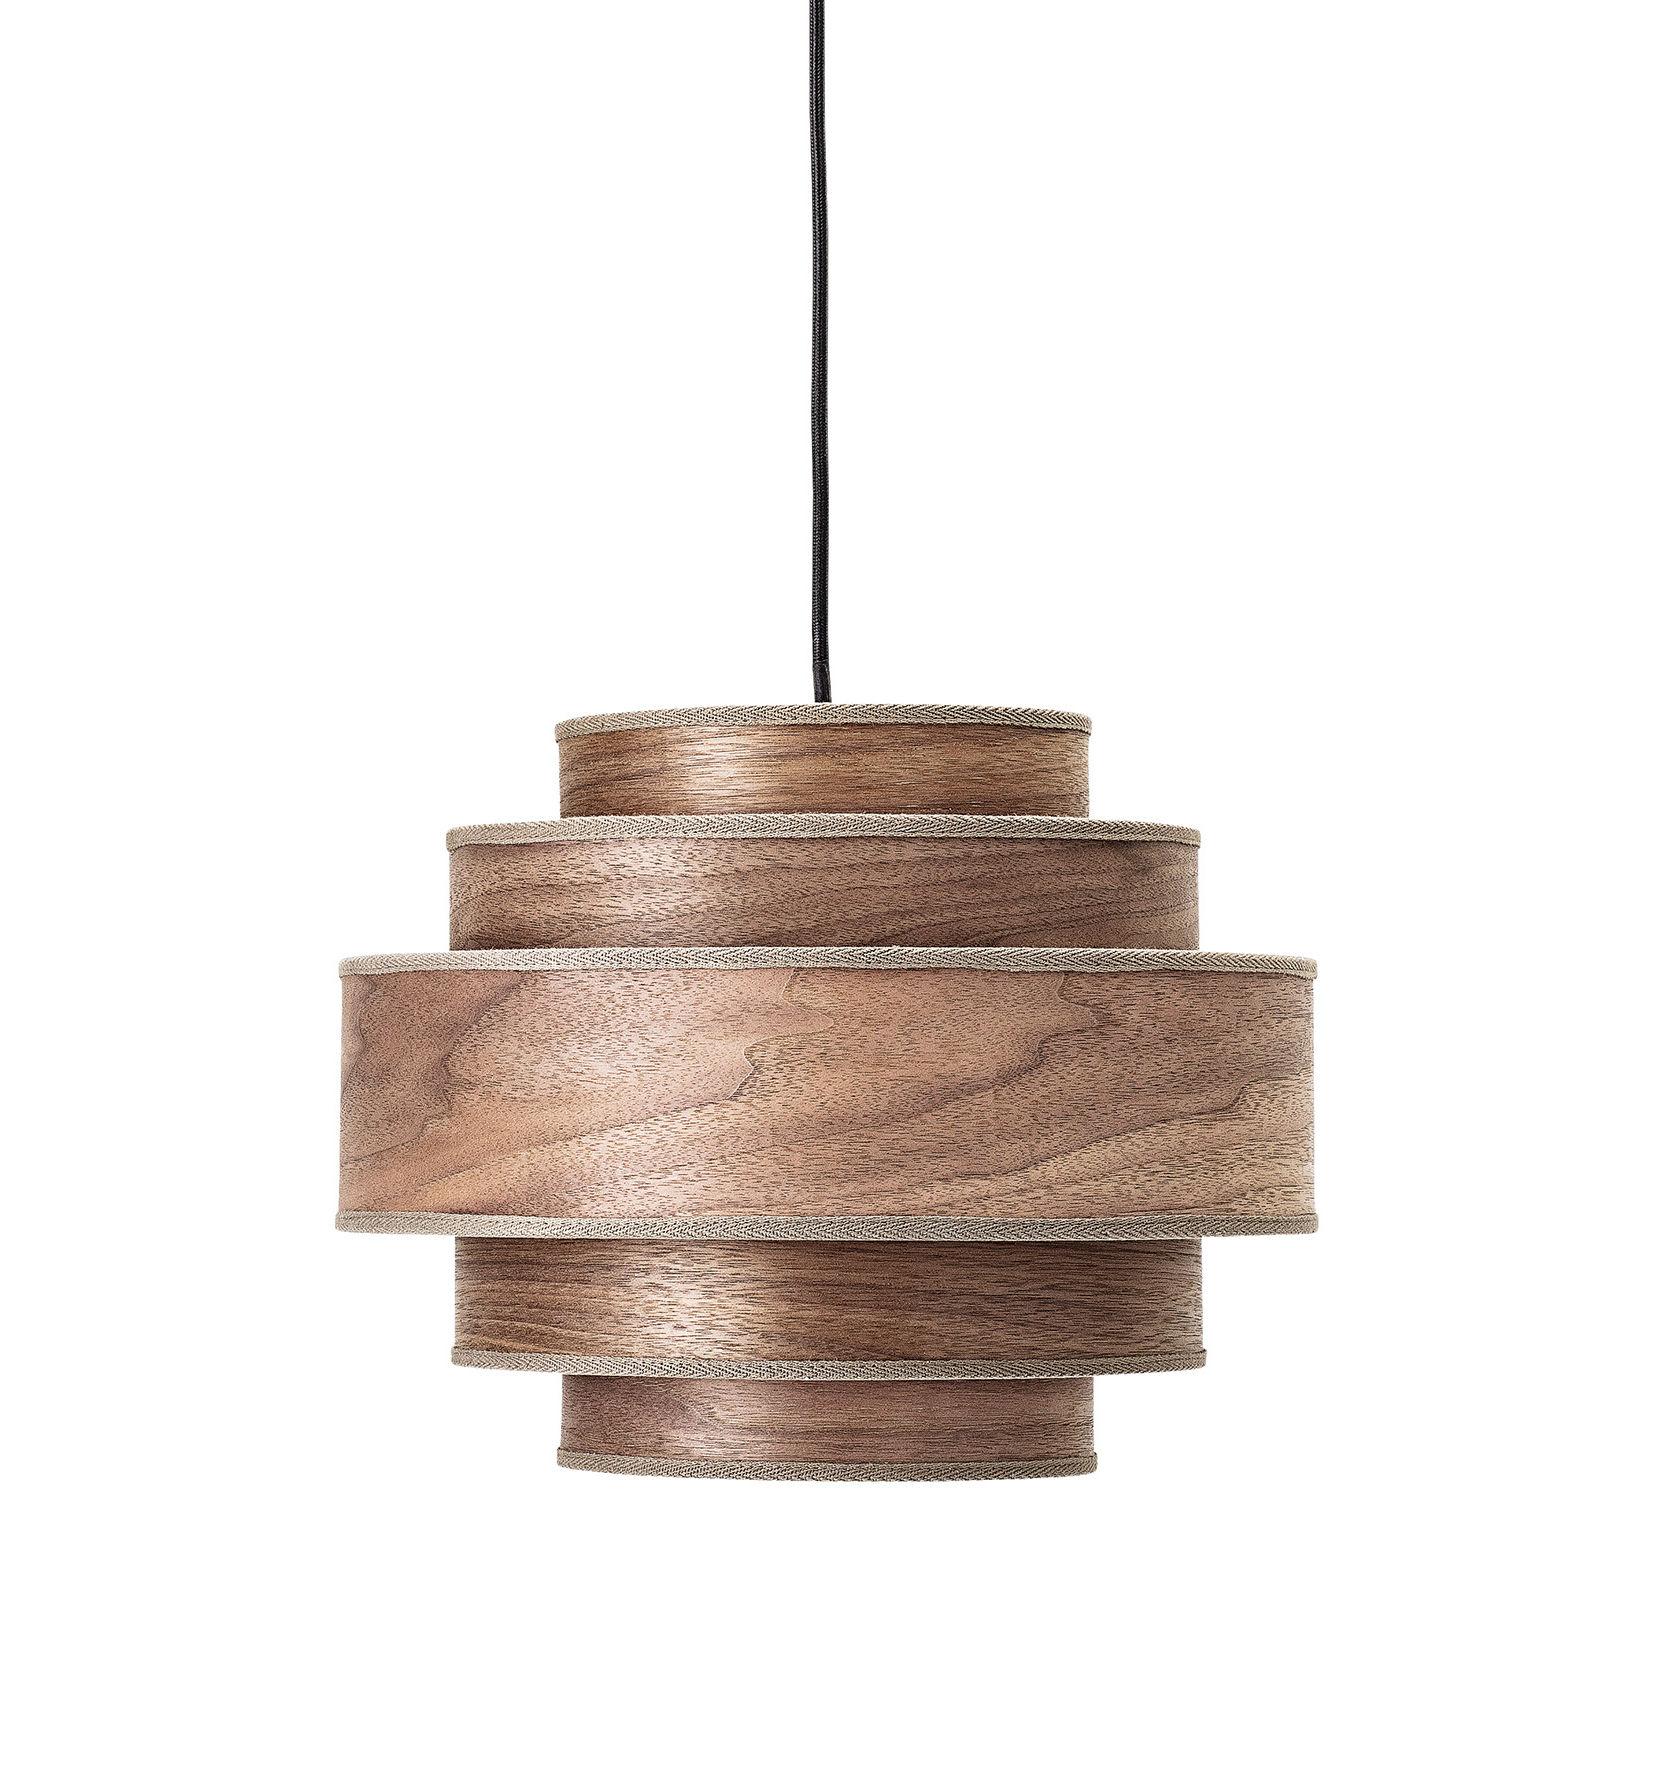 Leuchten - Pendelleuchten - Pendelleuchte / Nussbaum - Ø 35 cm x H 28 cm - Bloomingville - Nussbaum, dunkel - Nussbaum